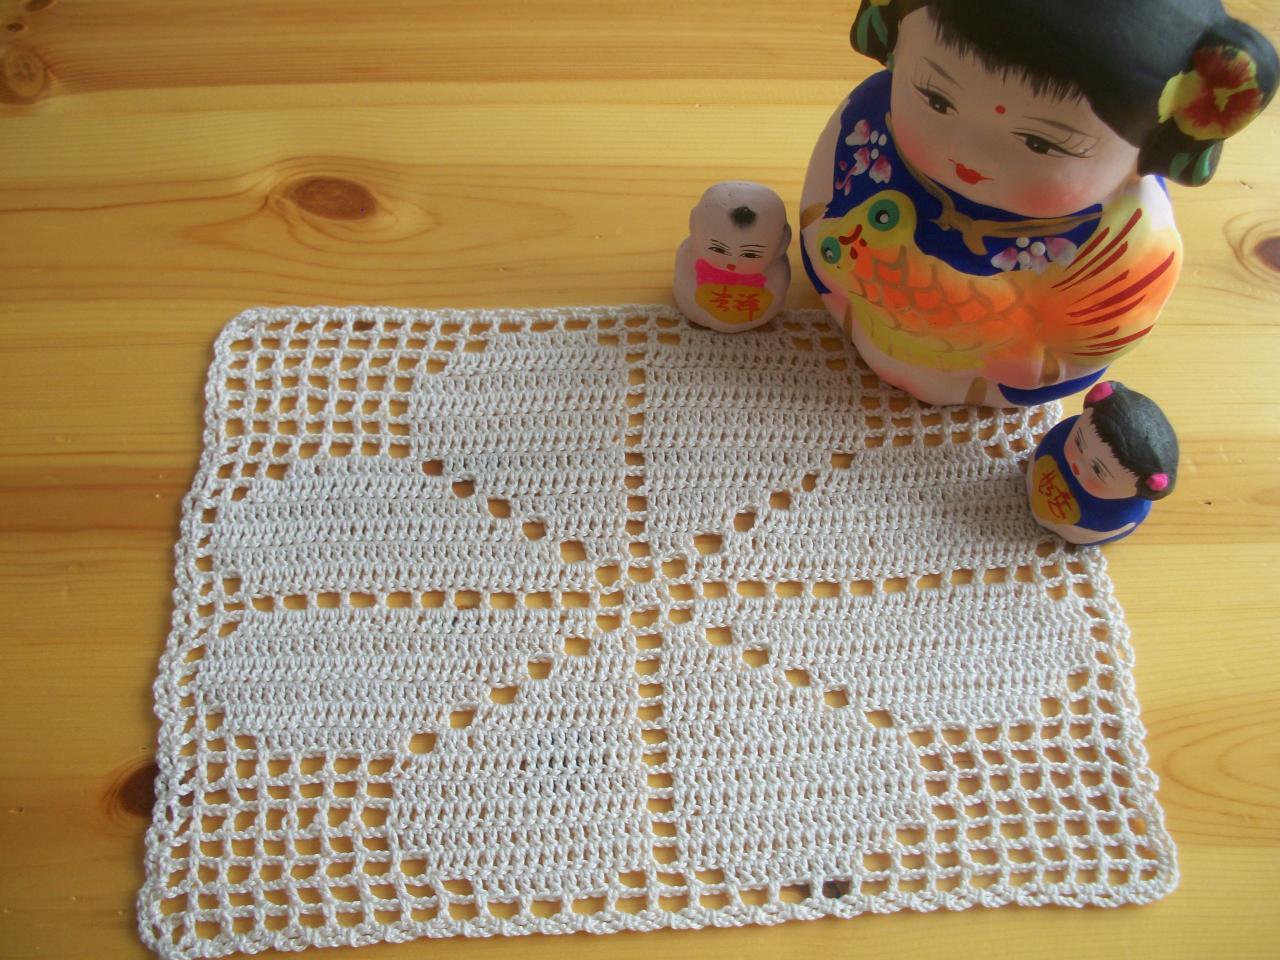 Site Crochet : crochet triskel site de crochet clE de sol napperon